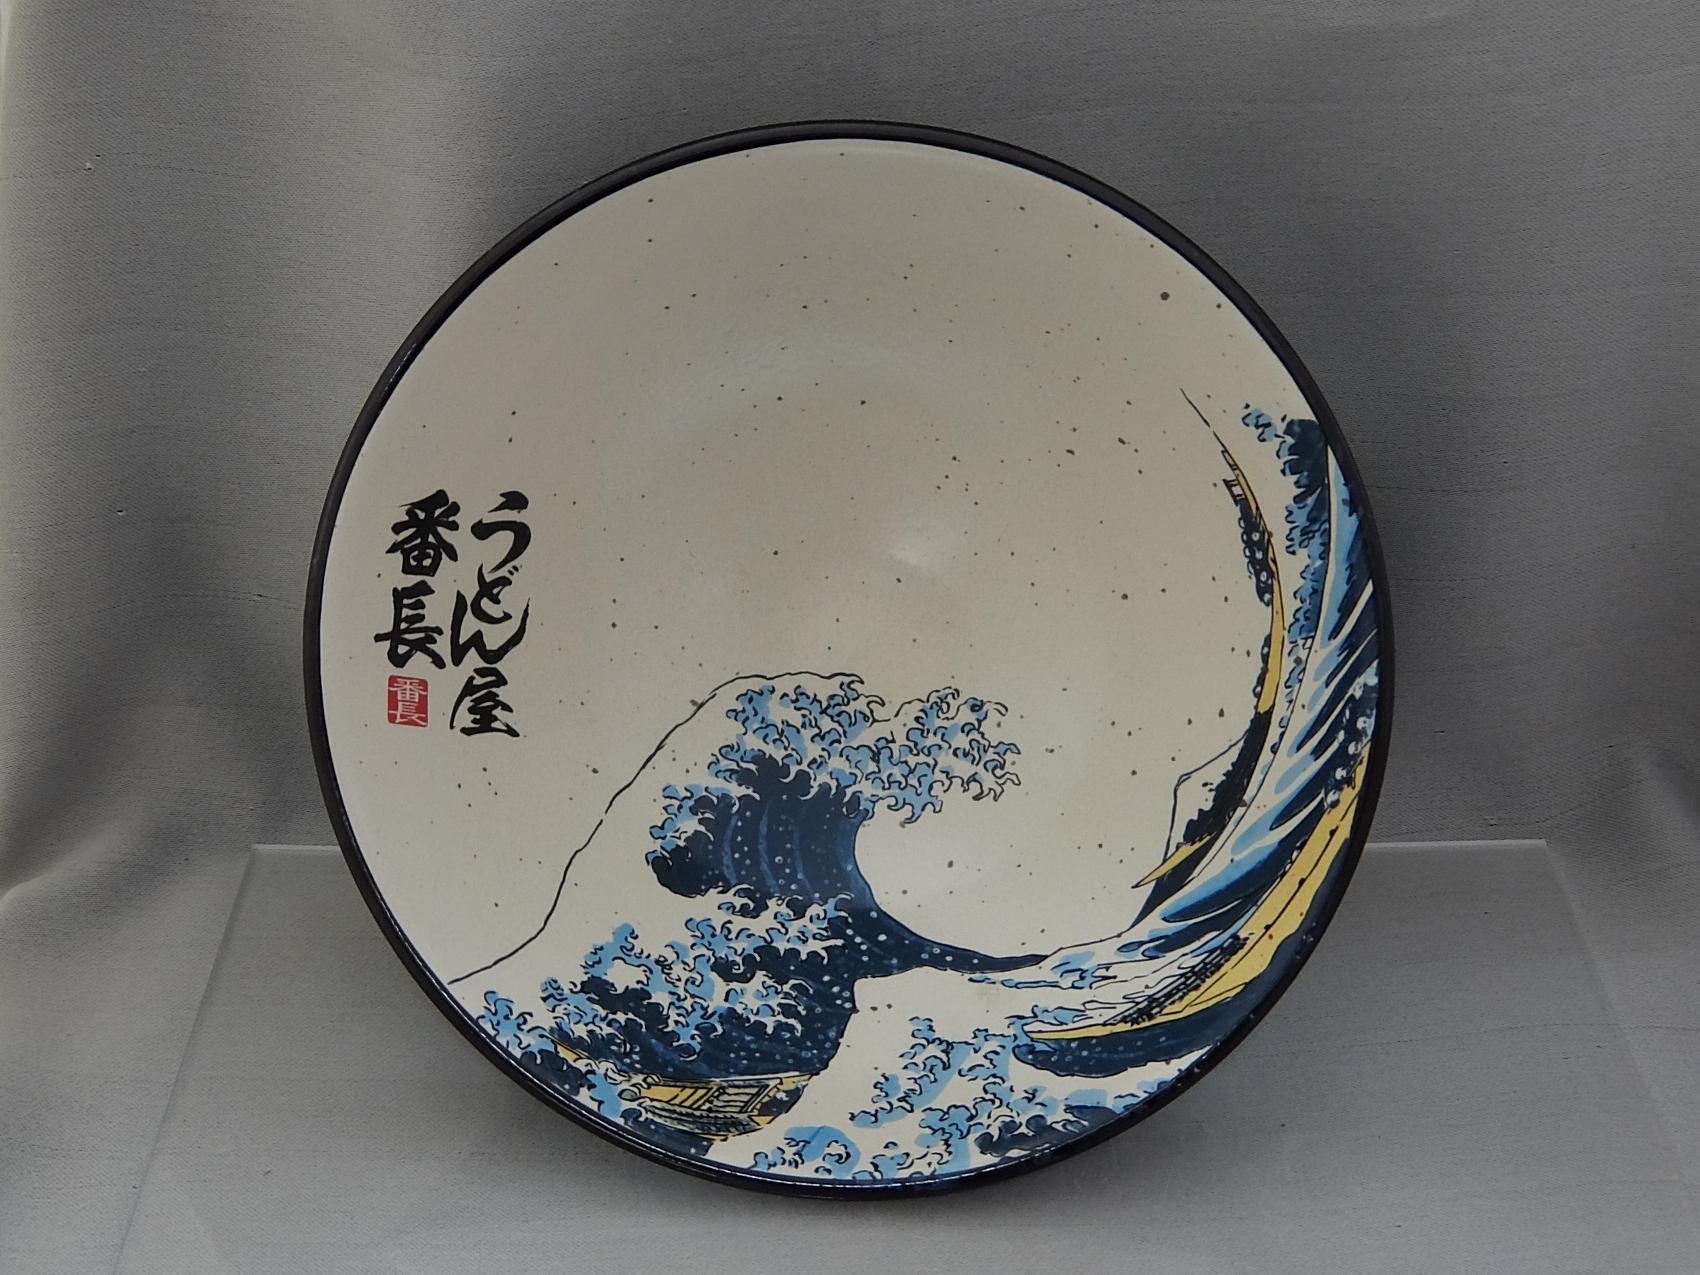 神奈川沖裏浪7.5段付盛鉢